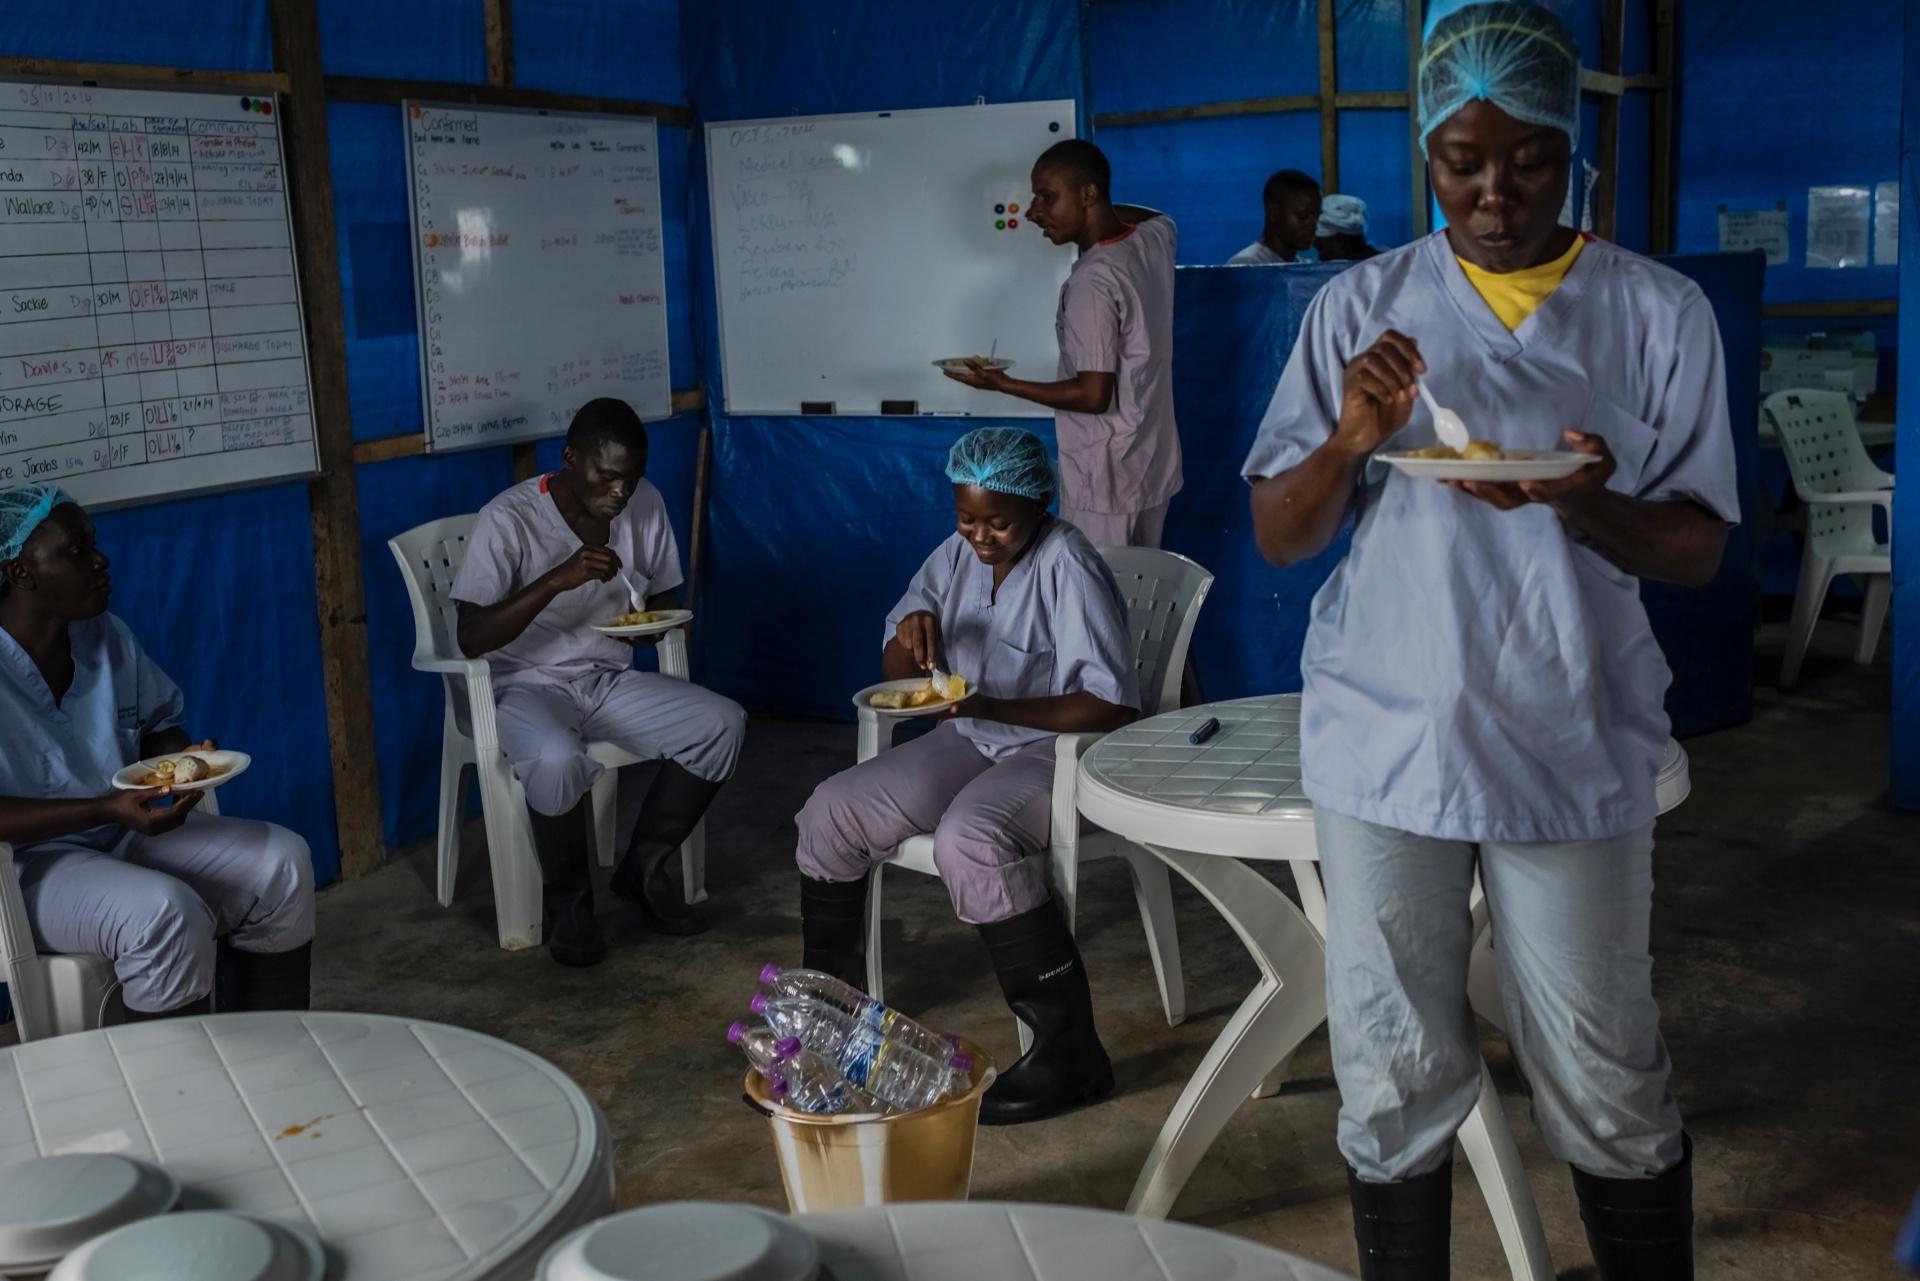 Equipe almoça na Unidade de Tratamento de Ebola no Condado de Bong em Sgt. Kollie Tow, na Libéria. A comida é preparada fora do local, em uma universidade que está fechada devido à epidemia de ebola e é usada pelos membros da unidade de saúde